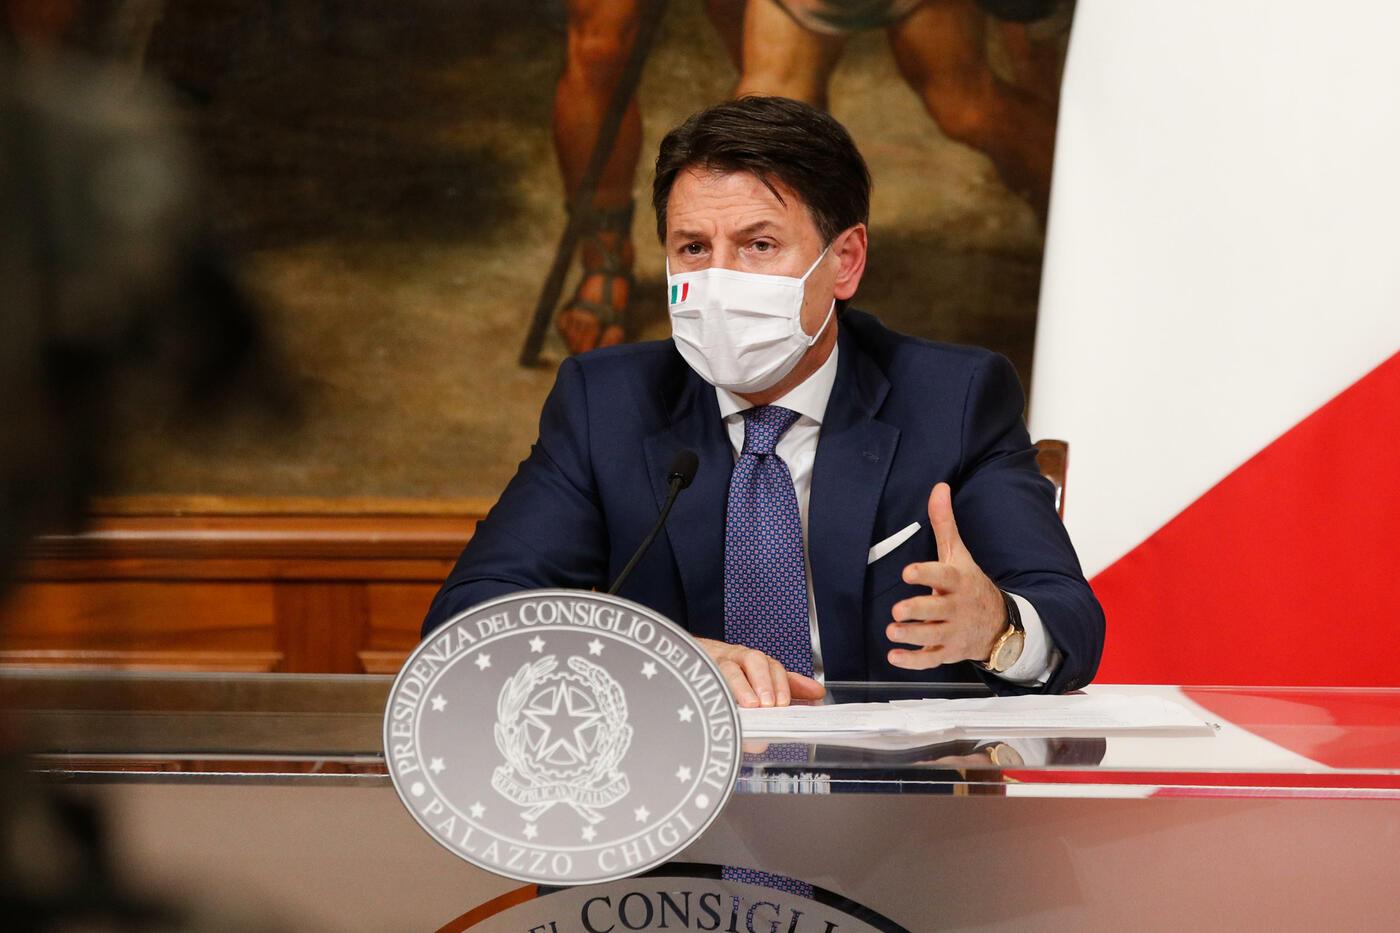 Nuovo Dpcm del 3 Dicembre, il premier Giuseppe Conte in conferenza stampa presenta il nuovo dpcm